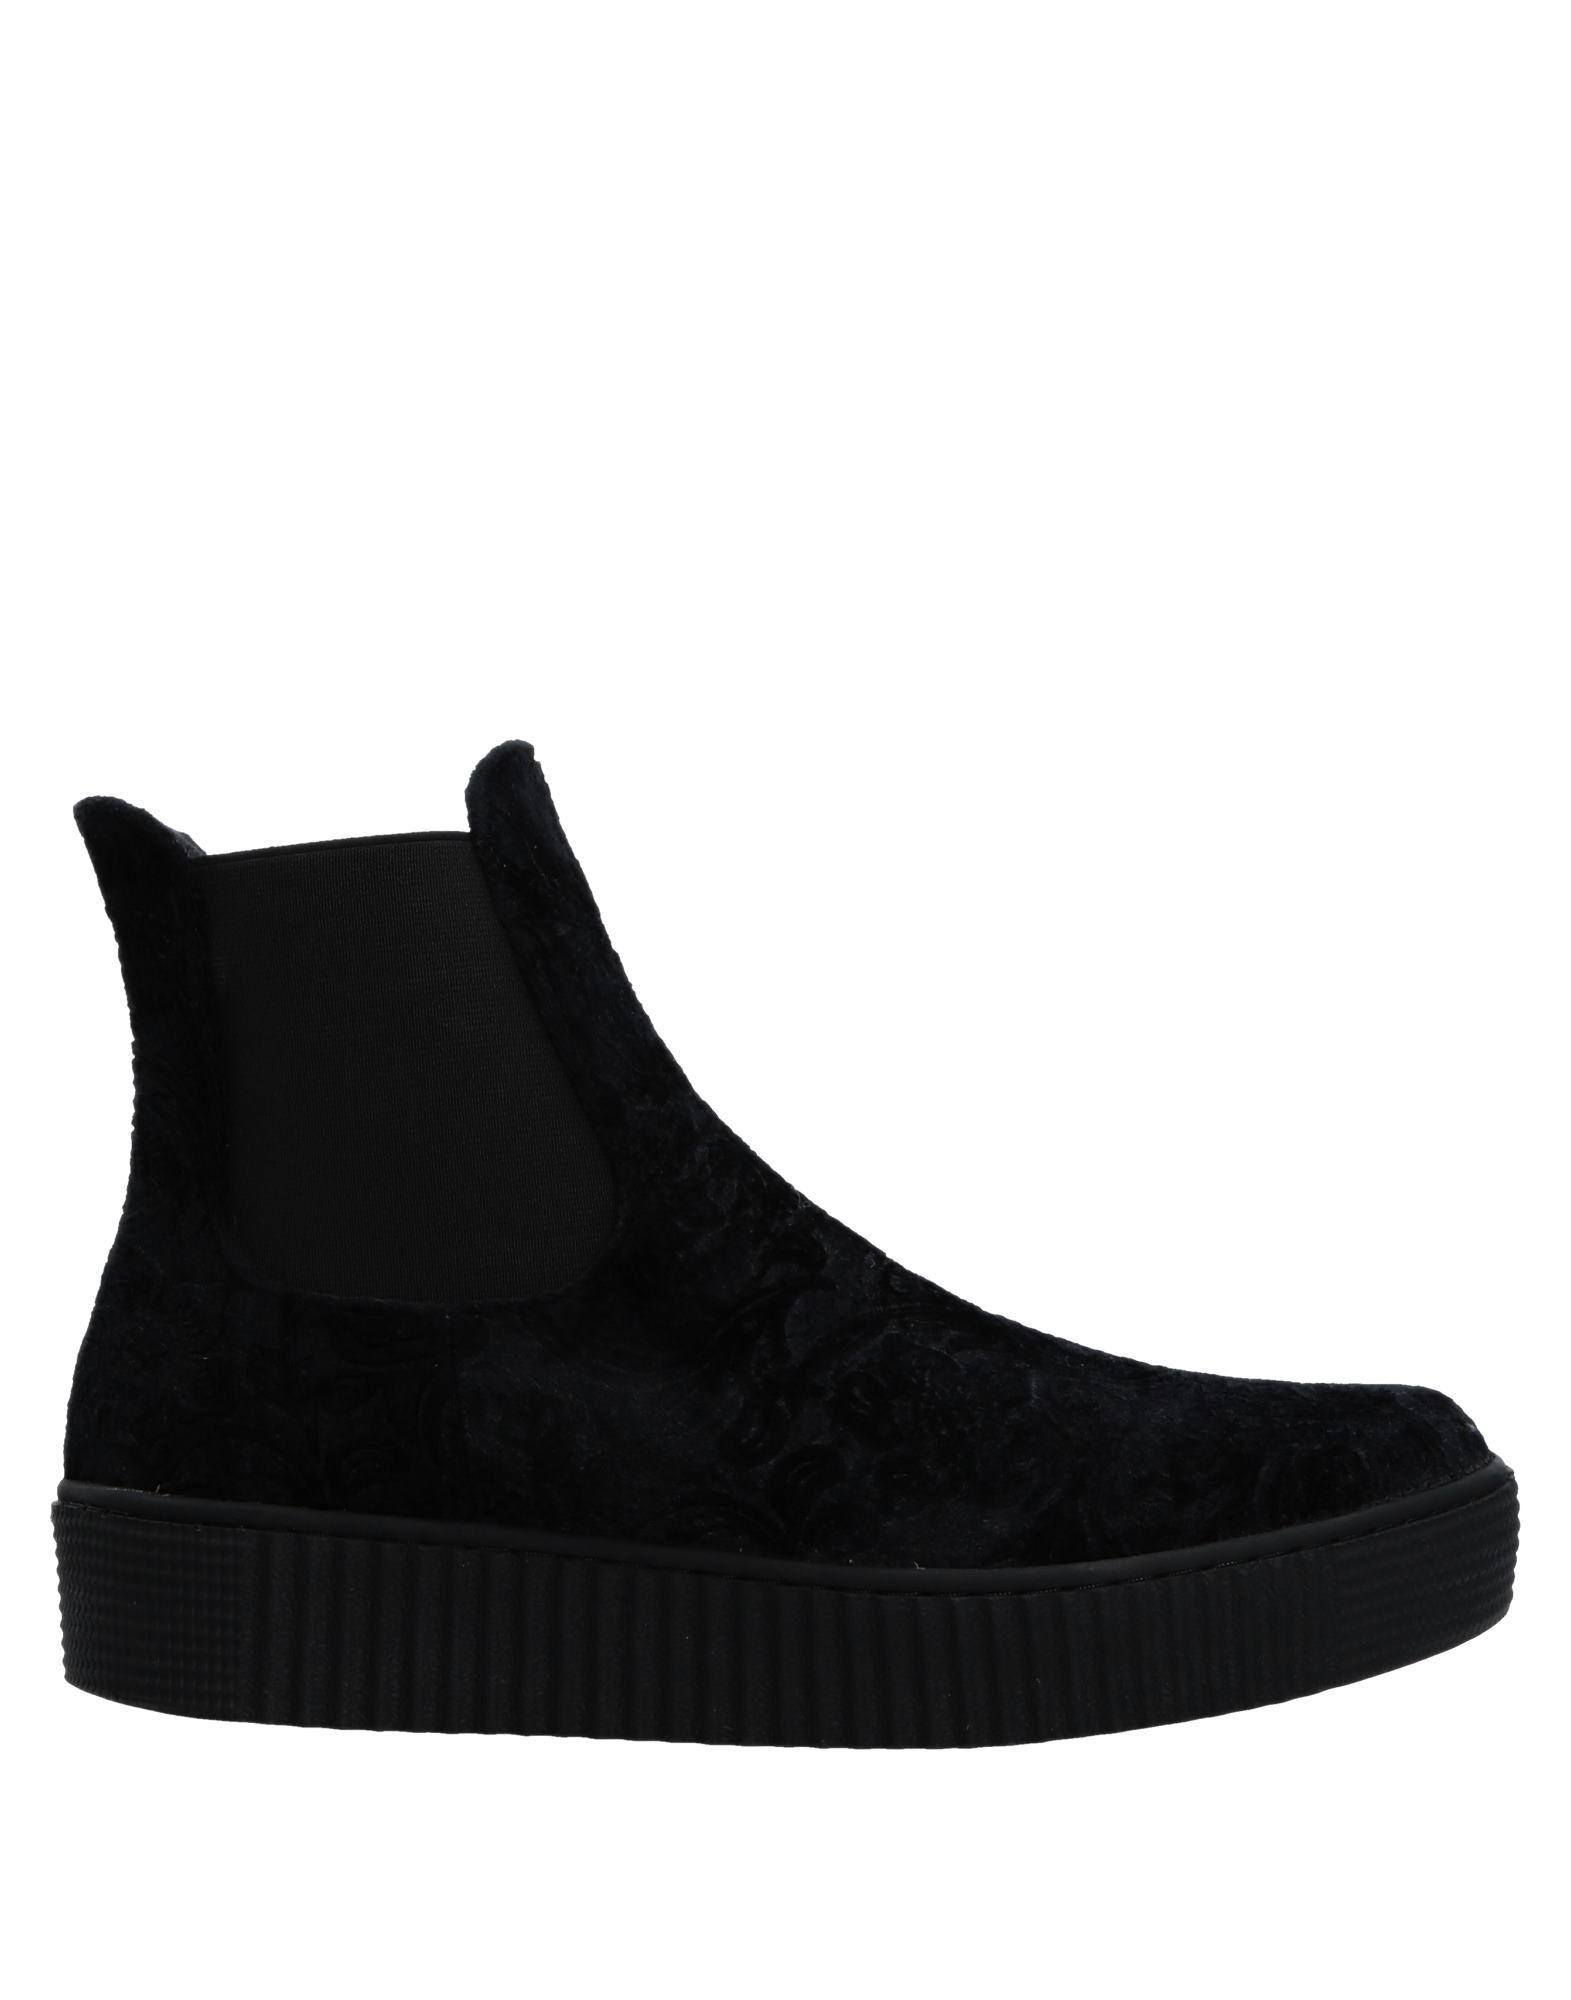 ONAKO' Полусапоги и высокие ботинки босоножки onako